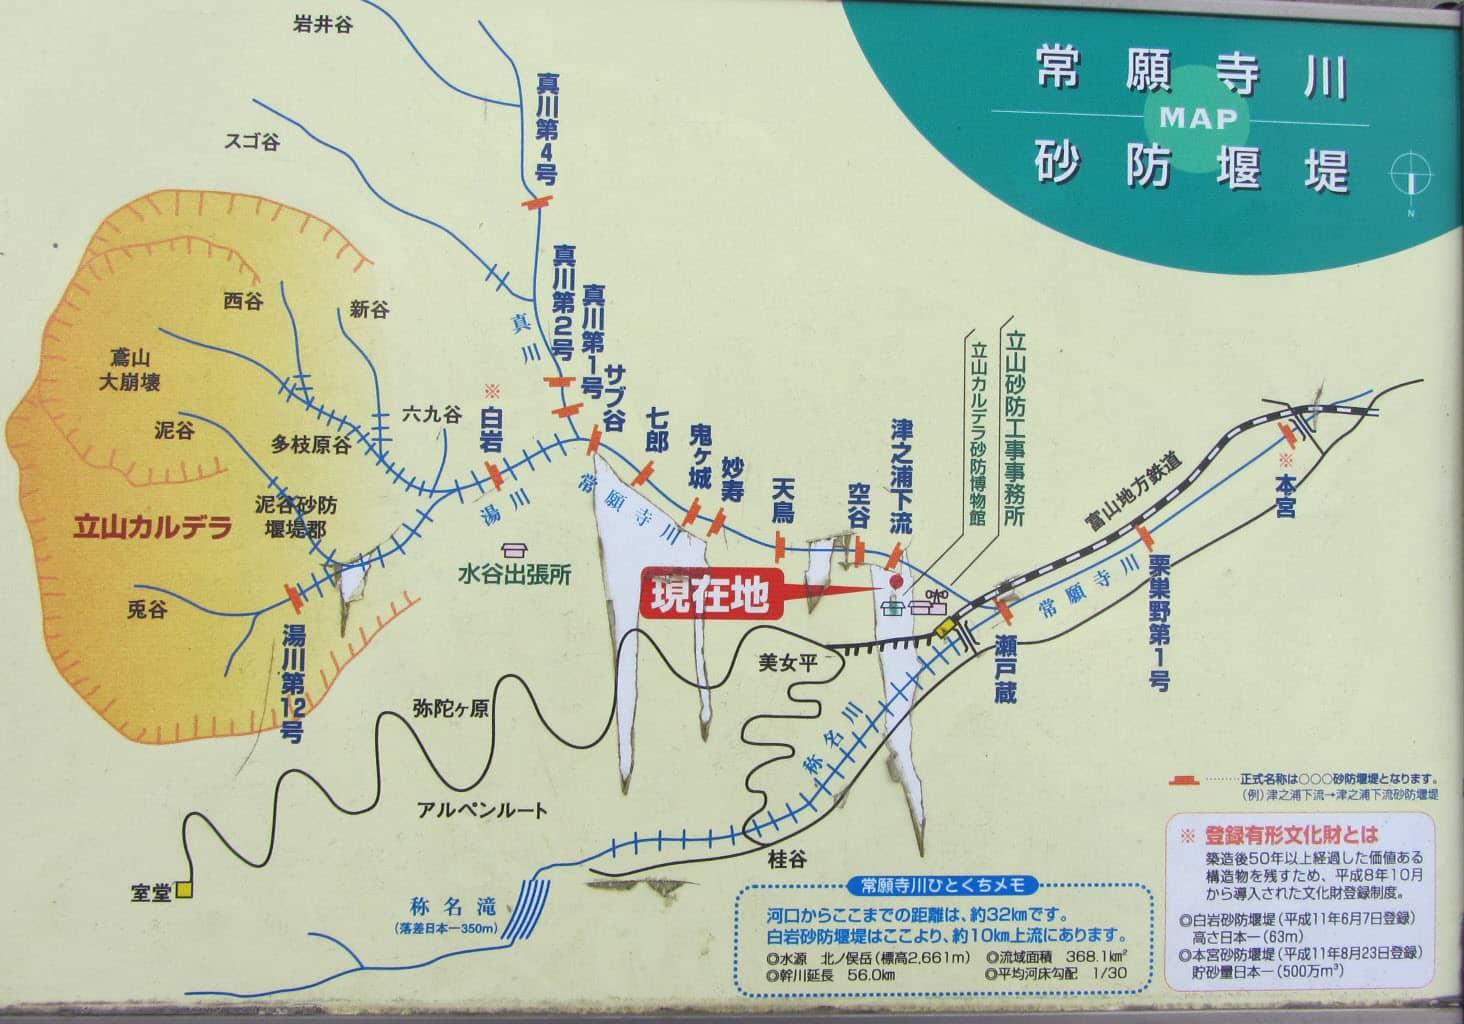 常願寺川地圖